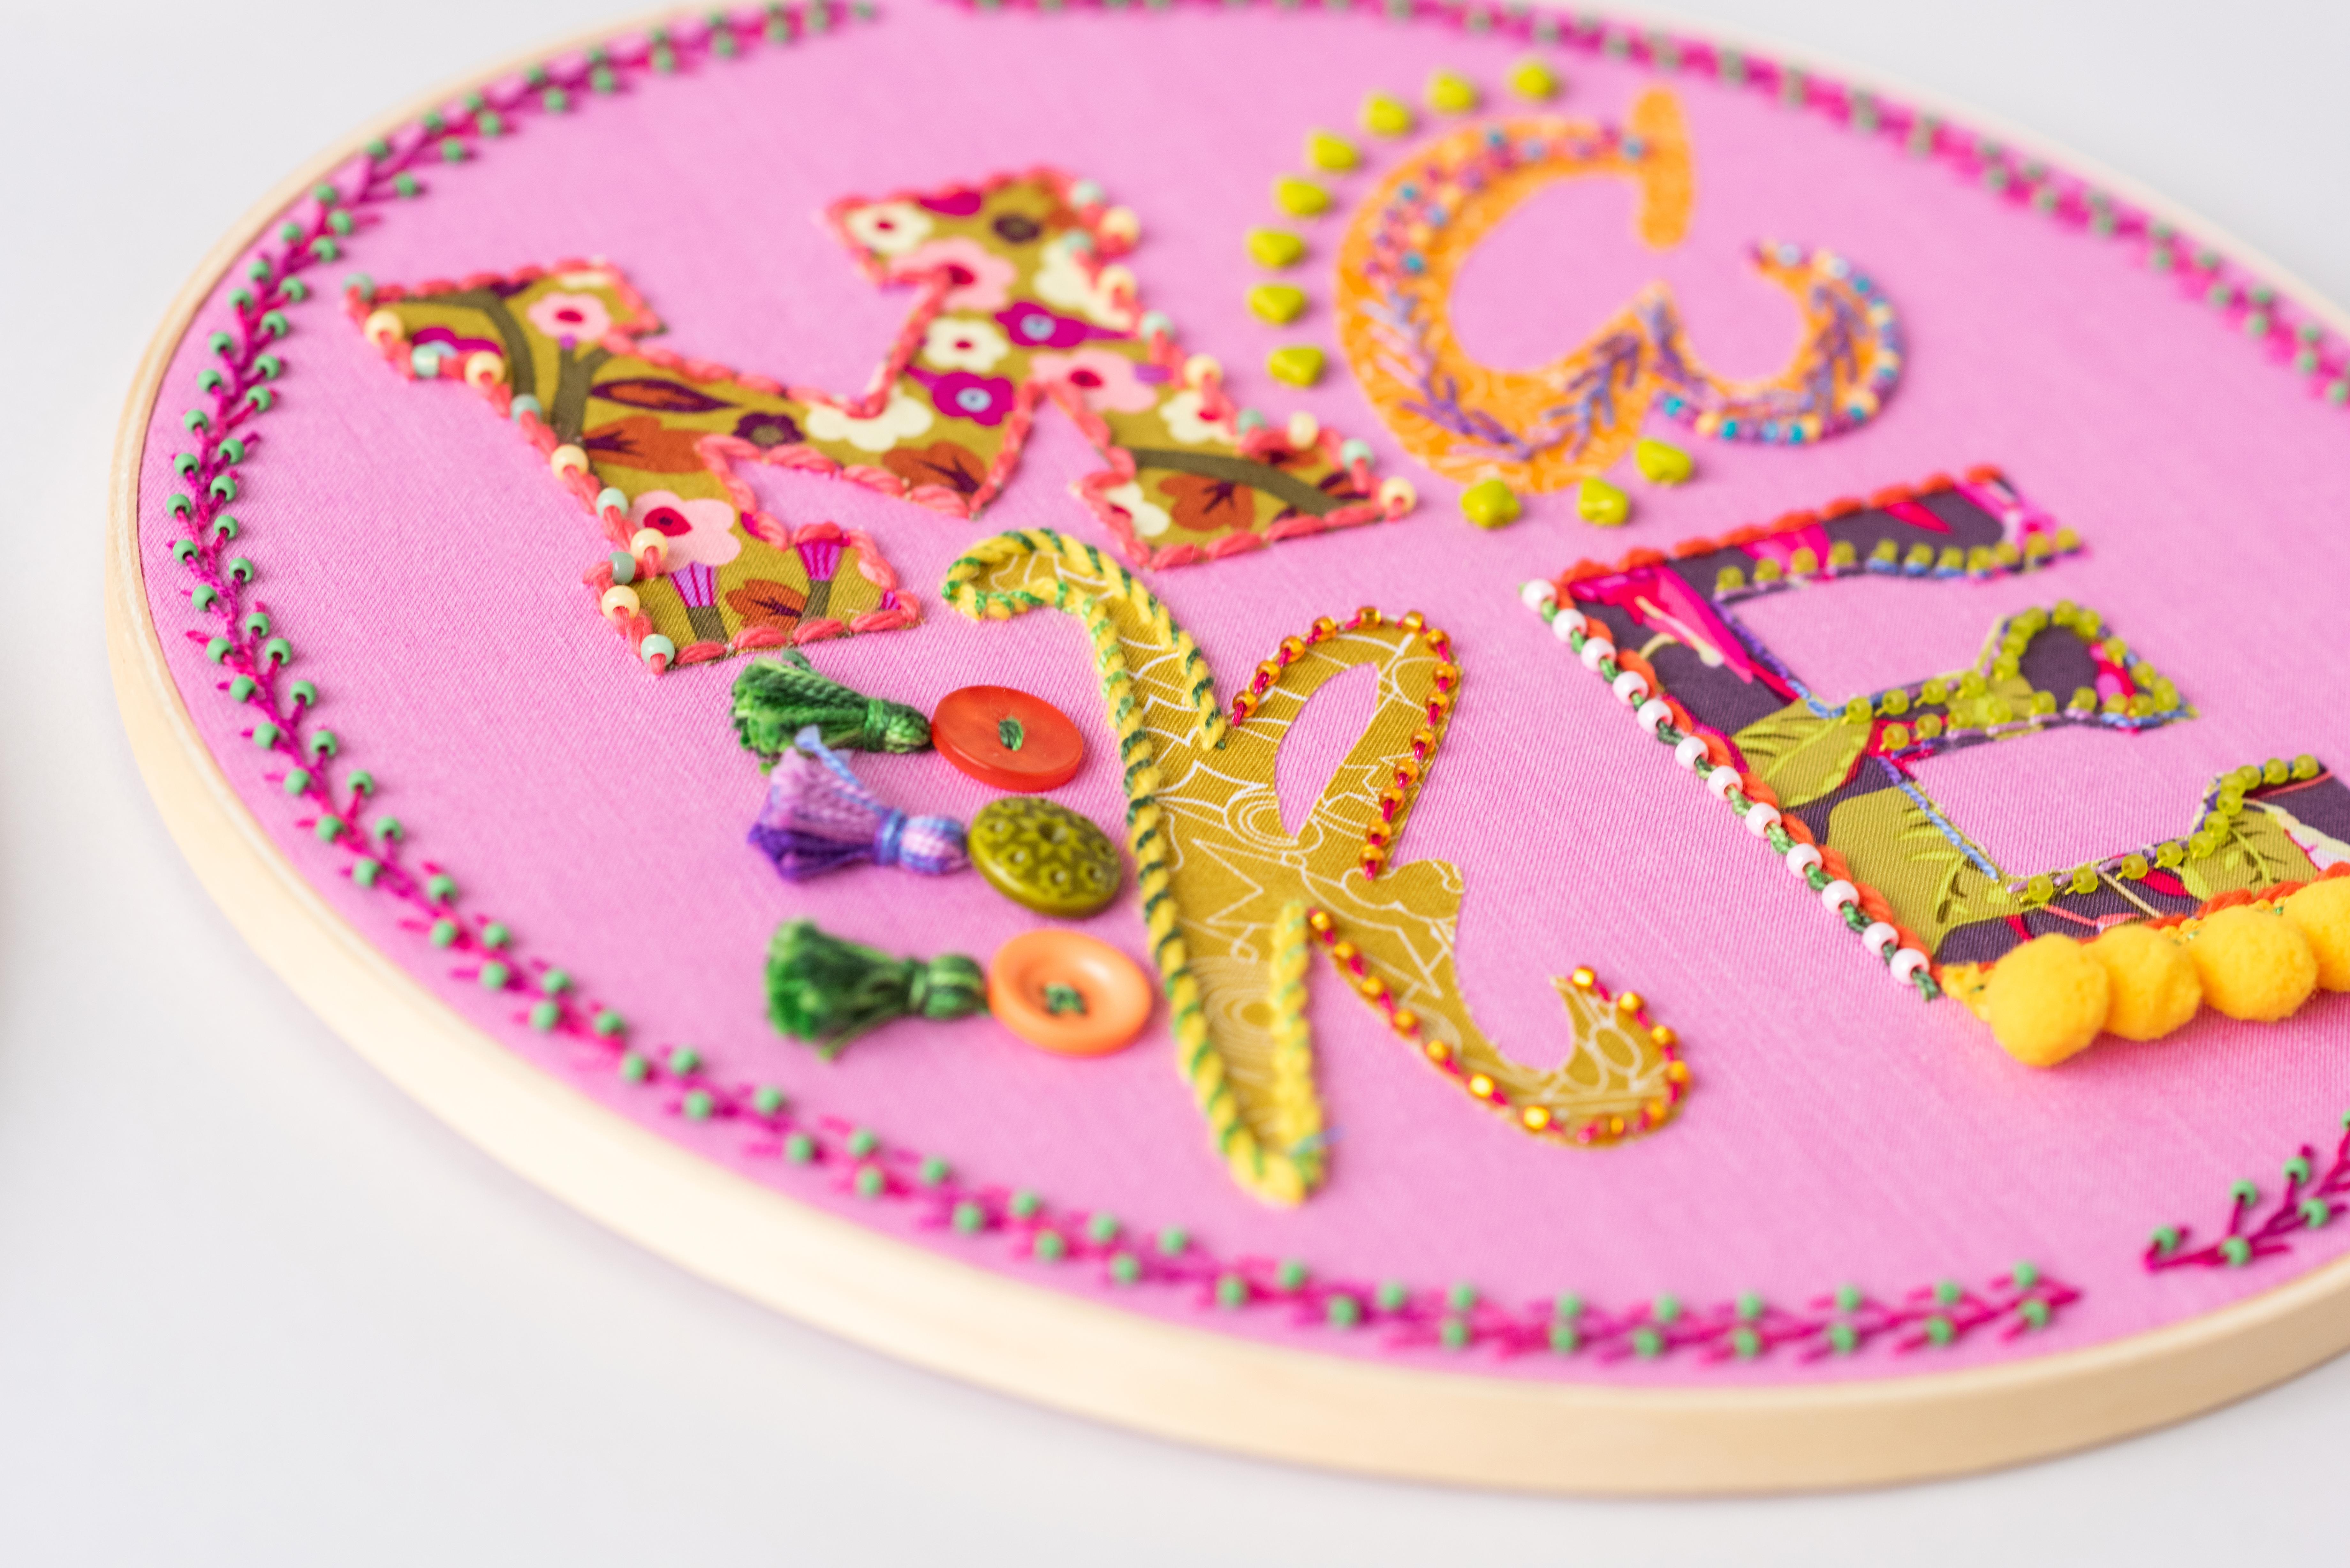 20181207_11736_boho-style-mixed-media-embroidery_nicole-vogelsinger_1069